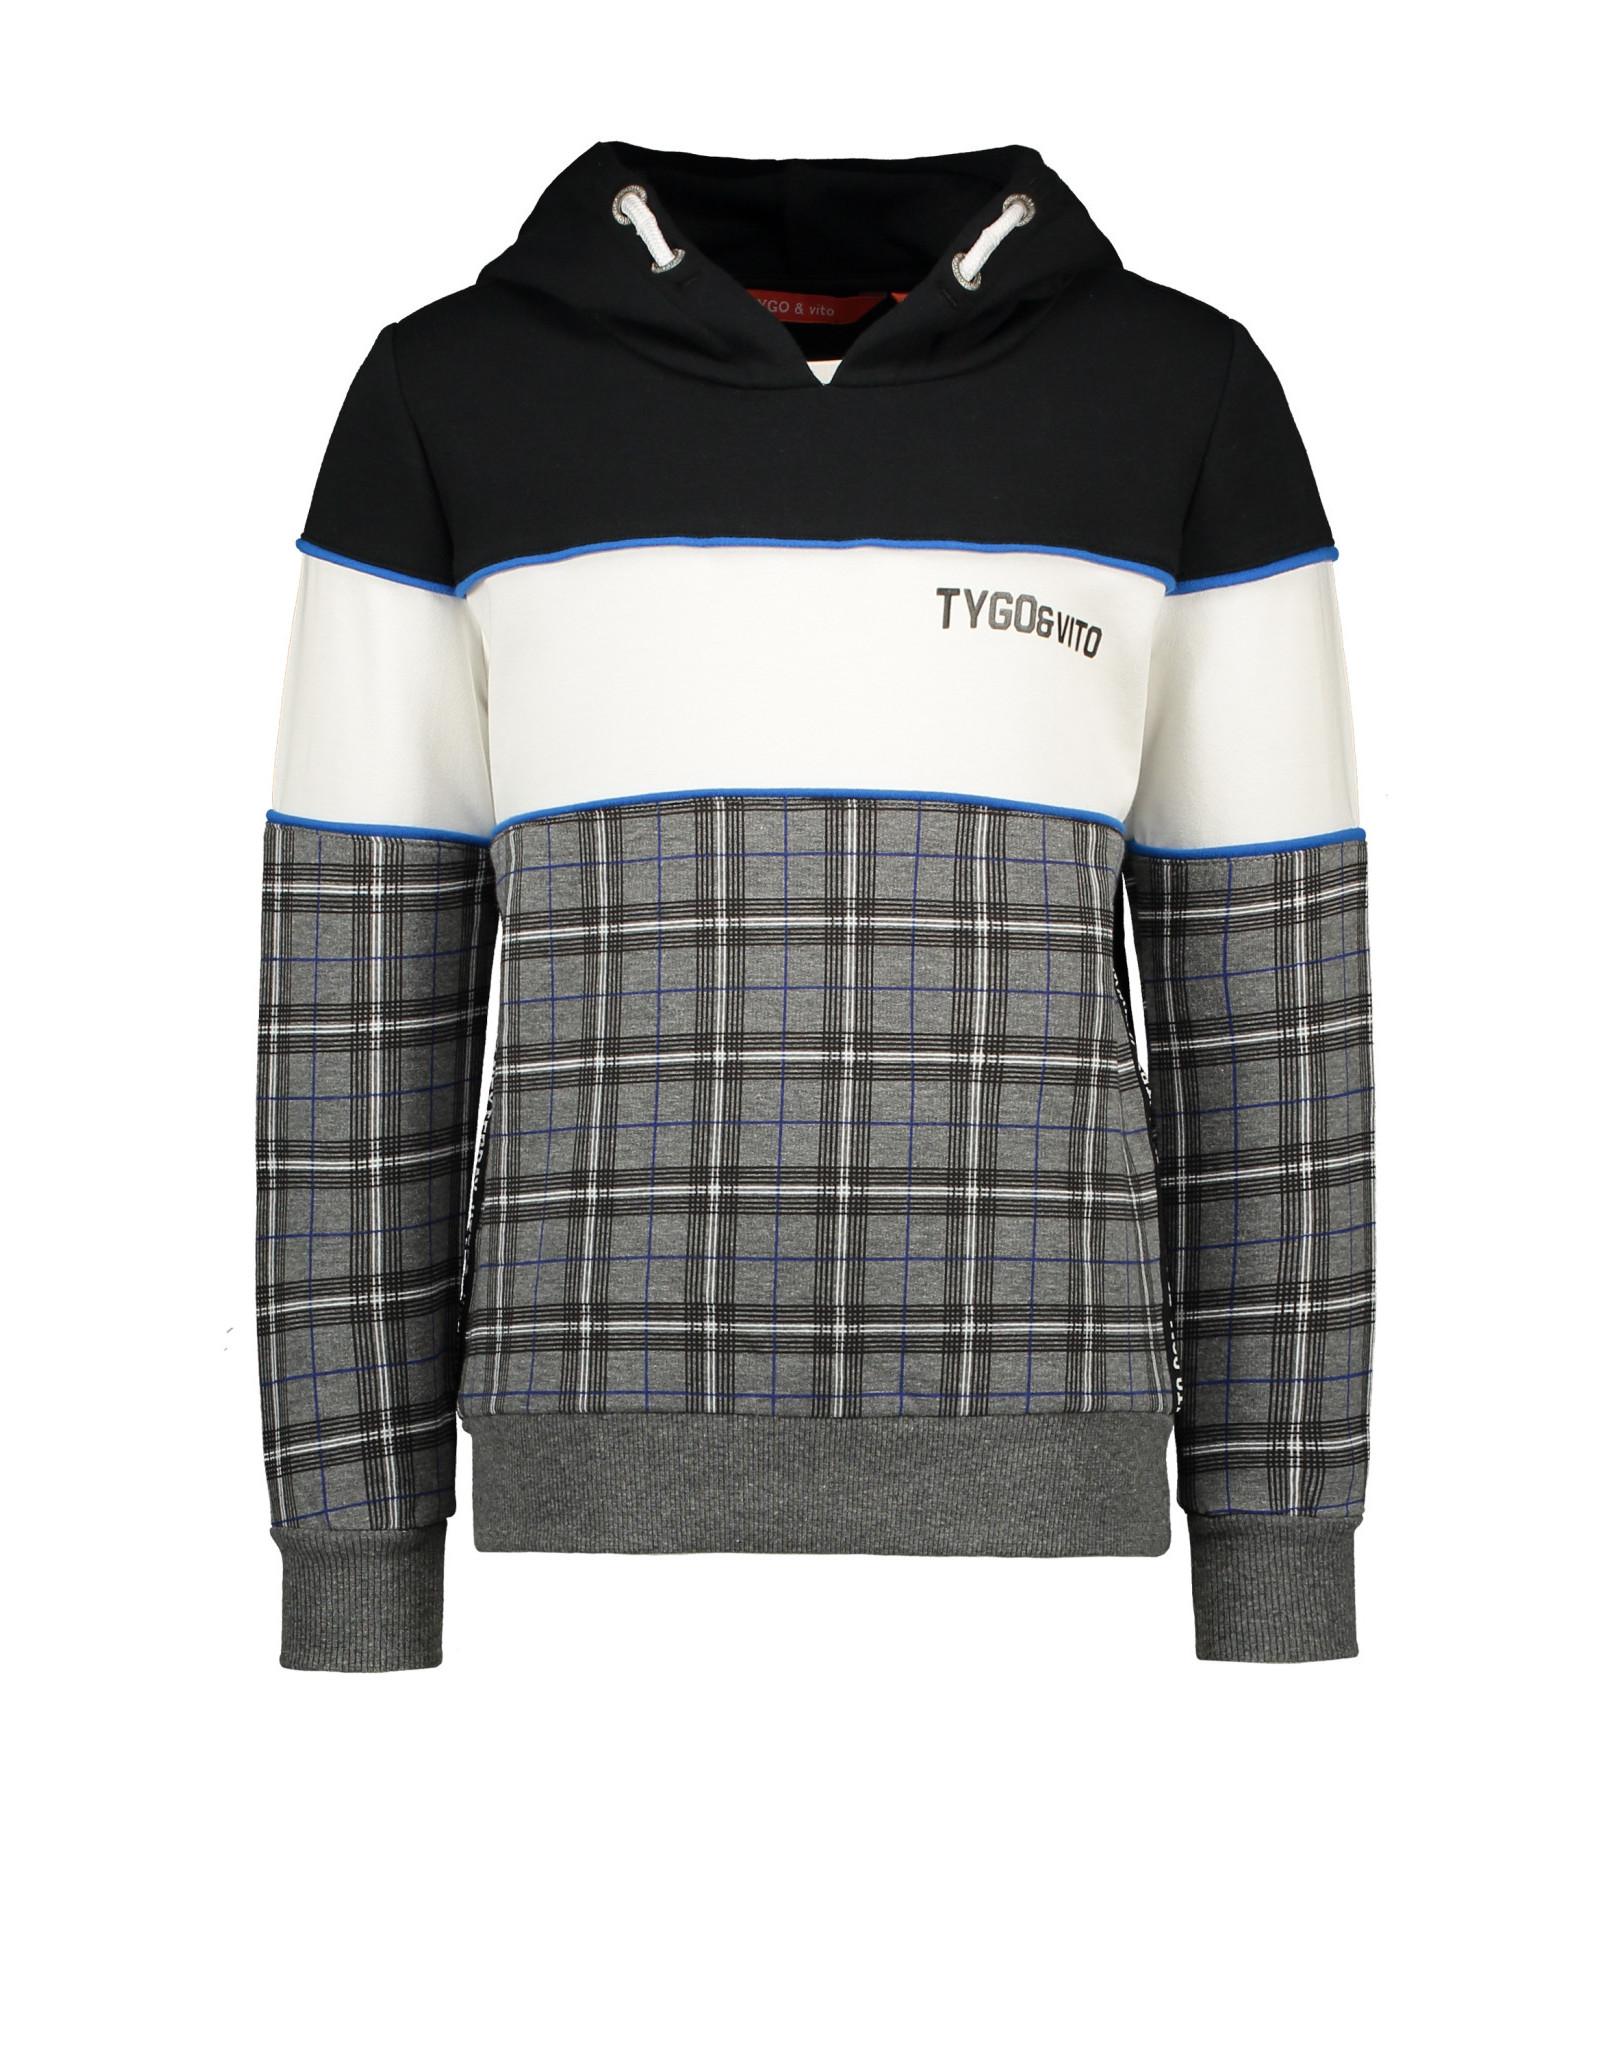 TYGO & vito TYGO & vito jongens hoodie Block/Check Anthra Melee